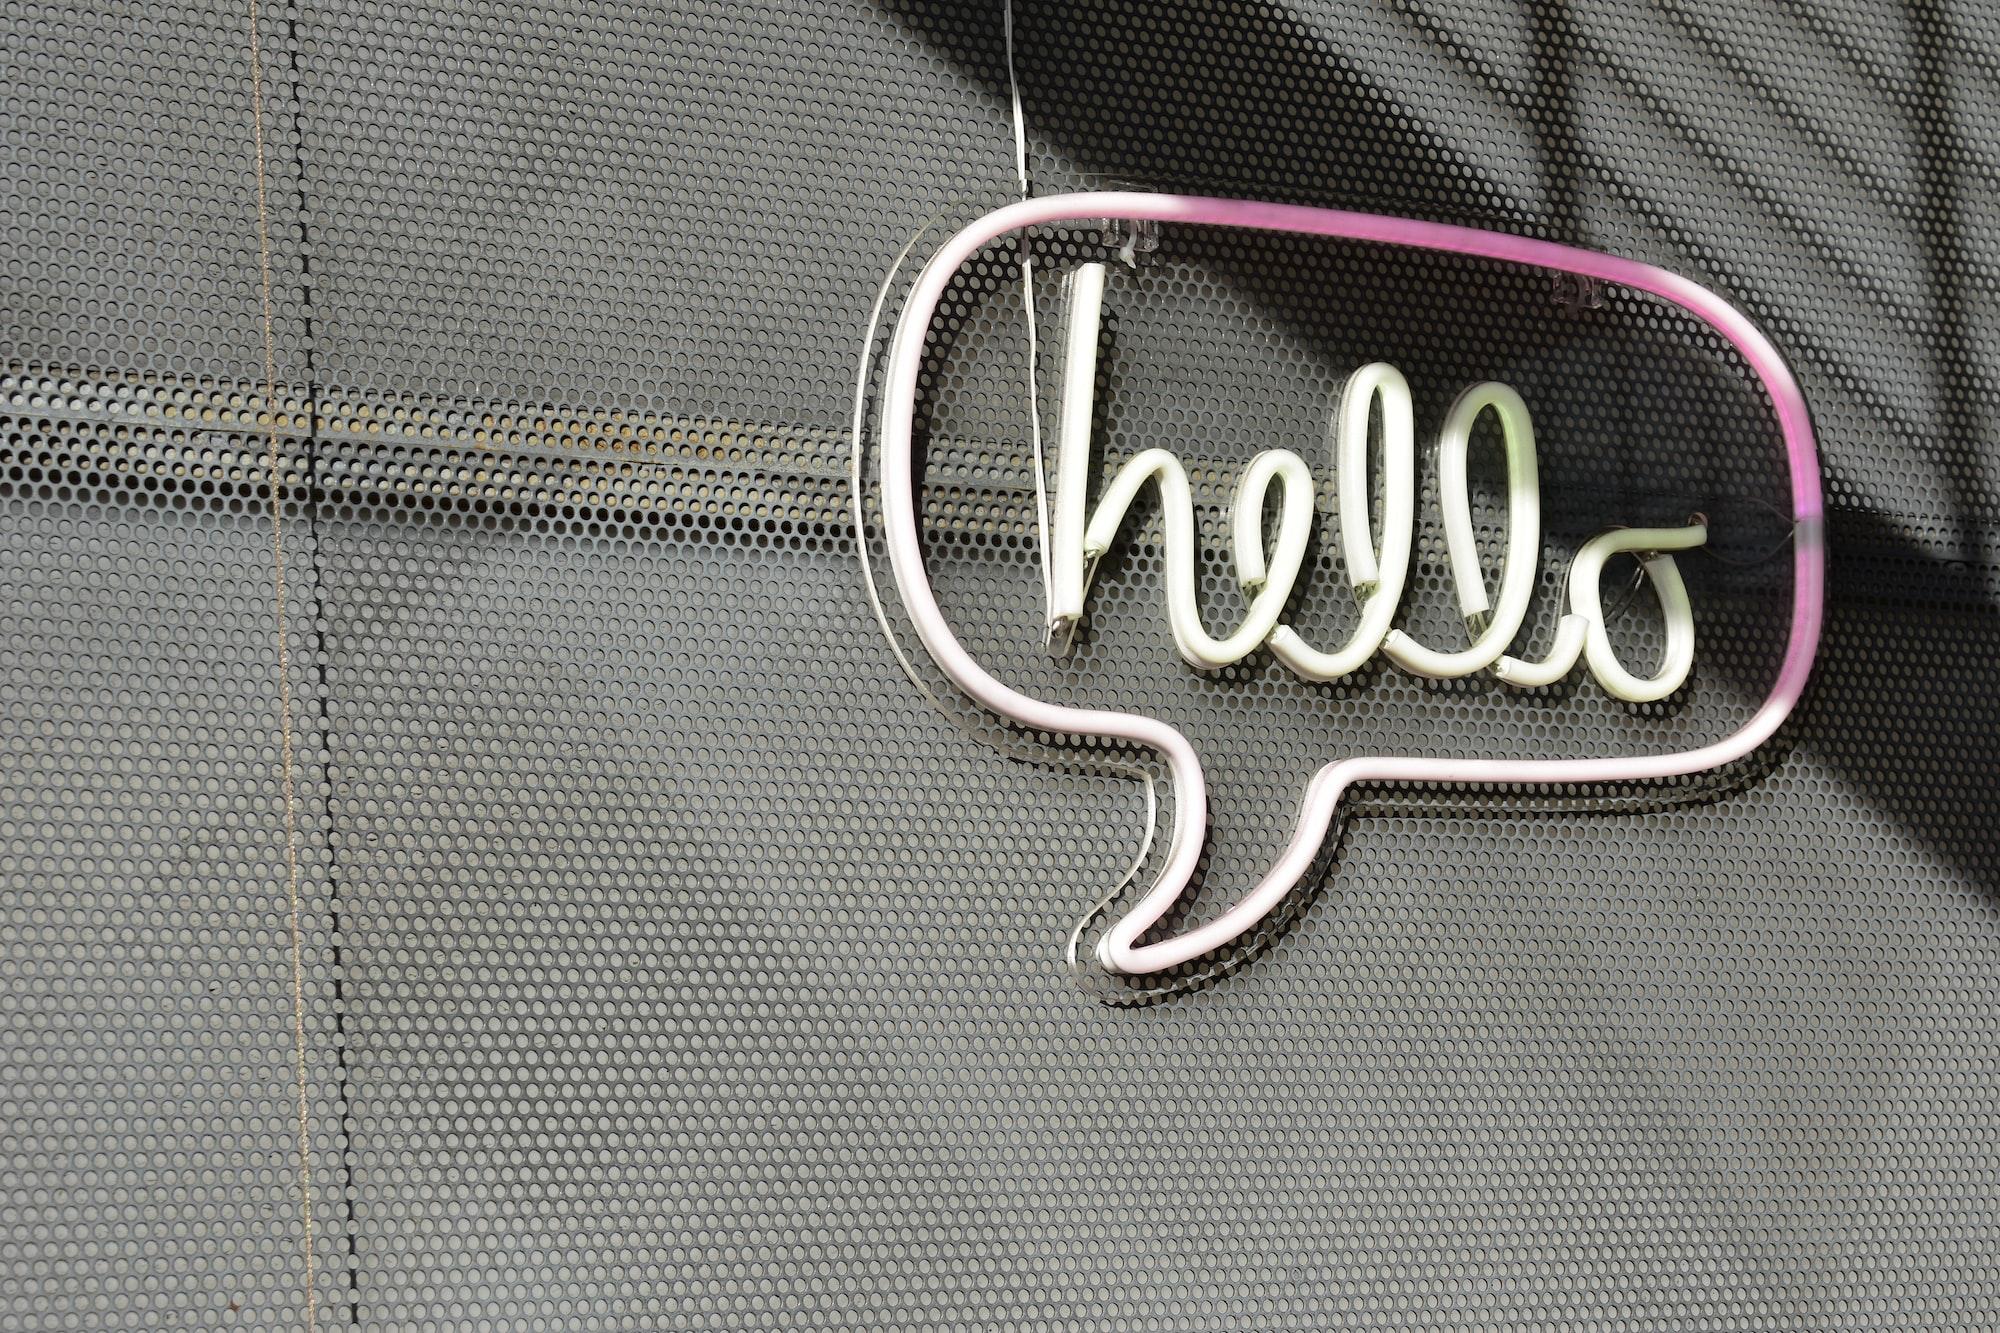 Make that call, say hello!